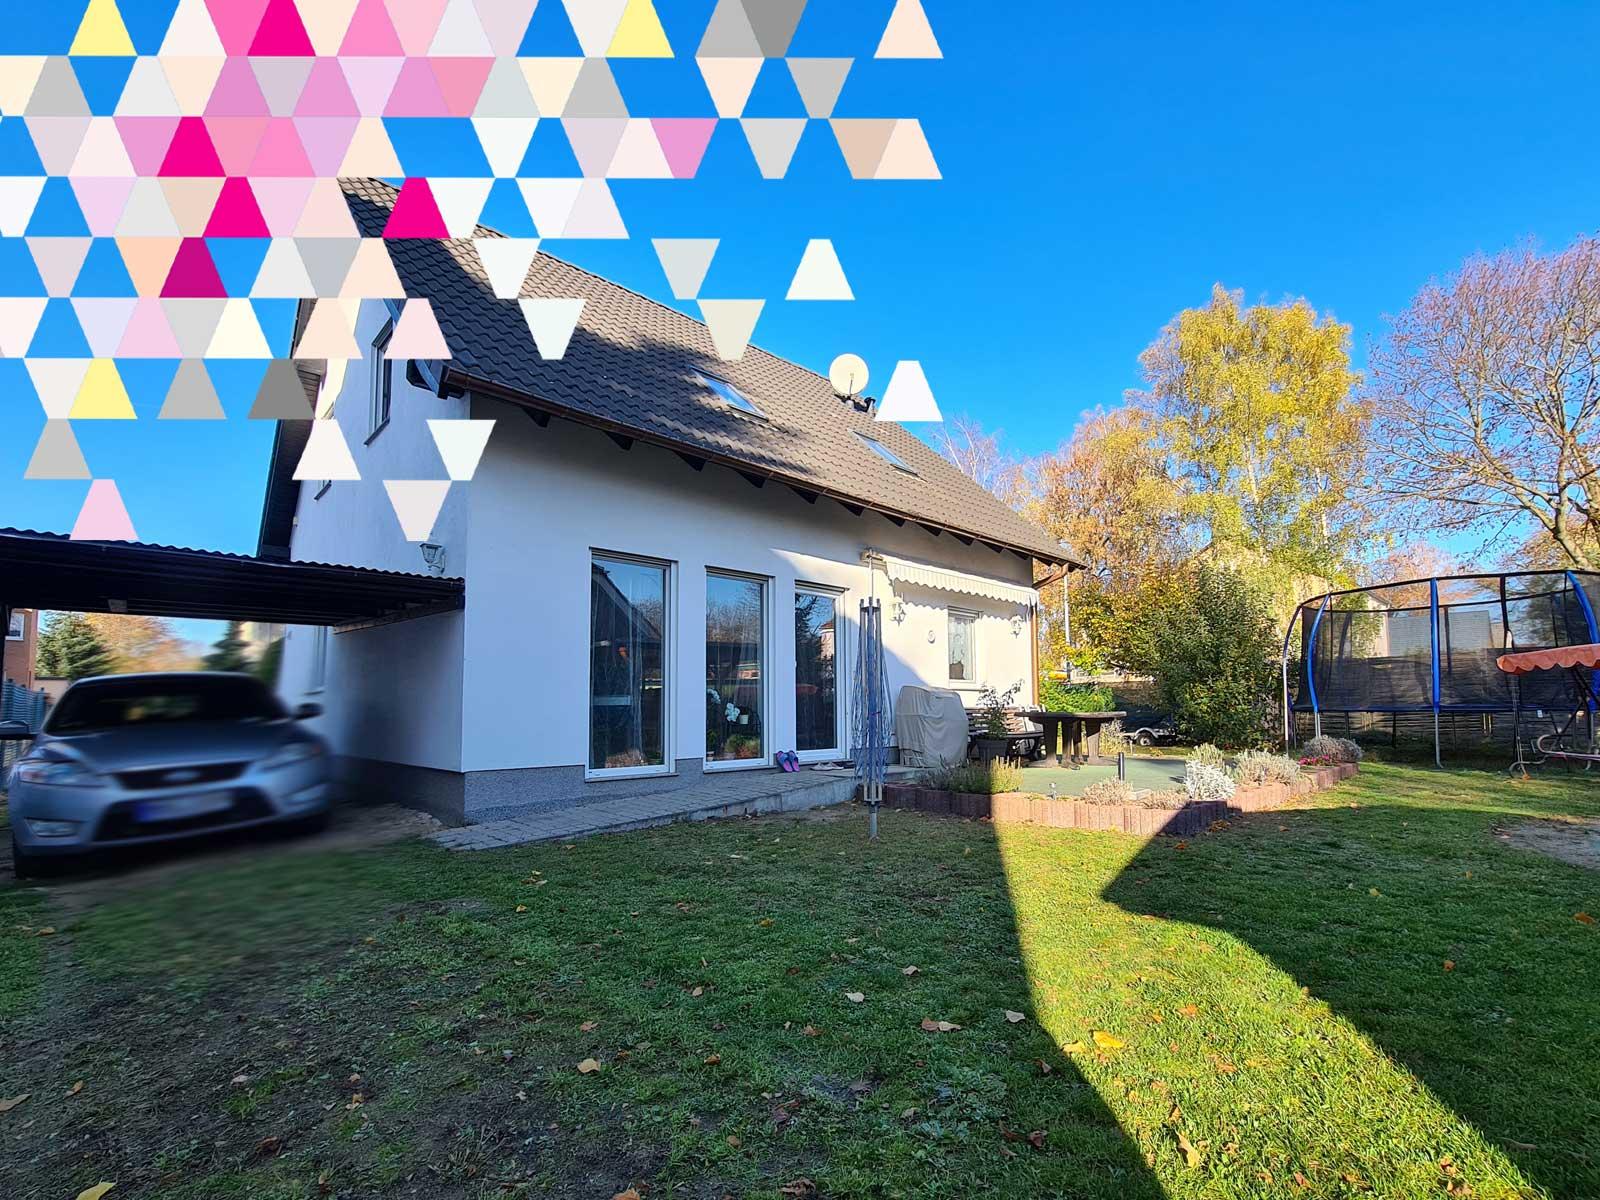 Einfamilienhaus | Verkauft zur Eigennutzung | 4 Zimmer | ca. 108 m² Wohnfläche | ca. 500 m² Grundstücksfläche | Brandenburg-Fredersdorf-Vogelsdorf